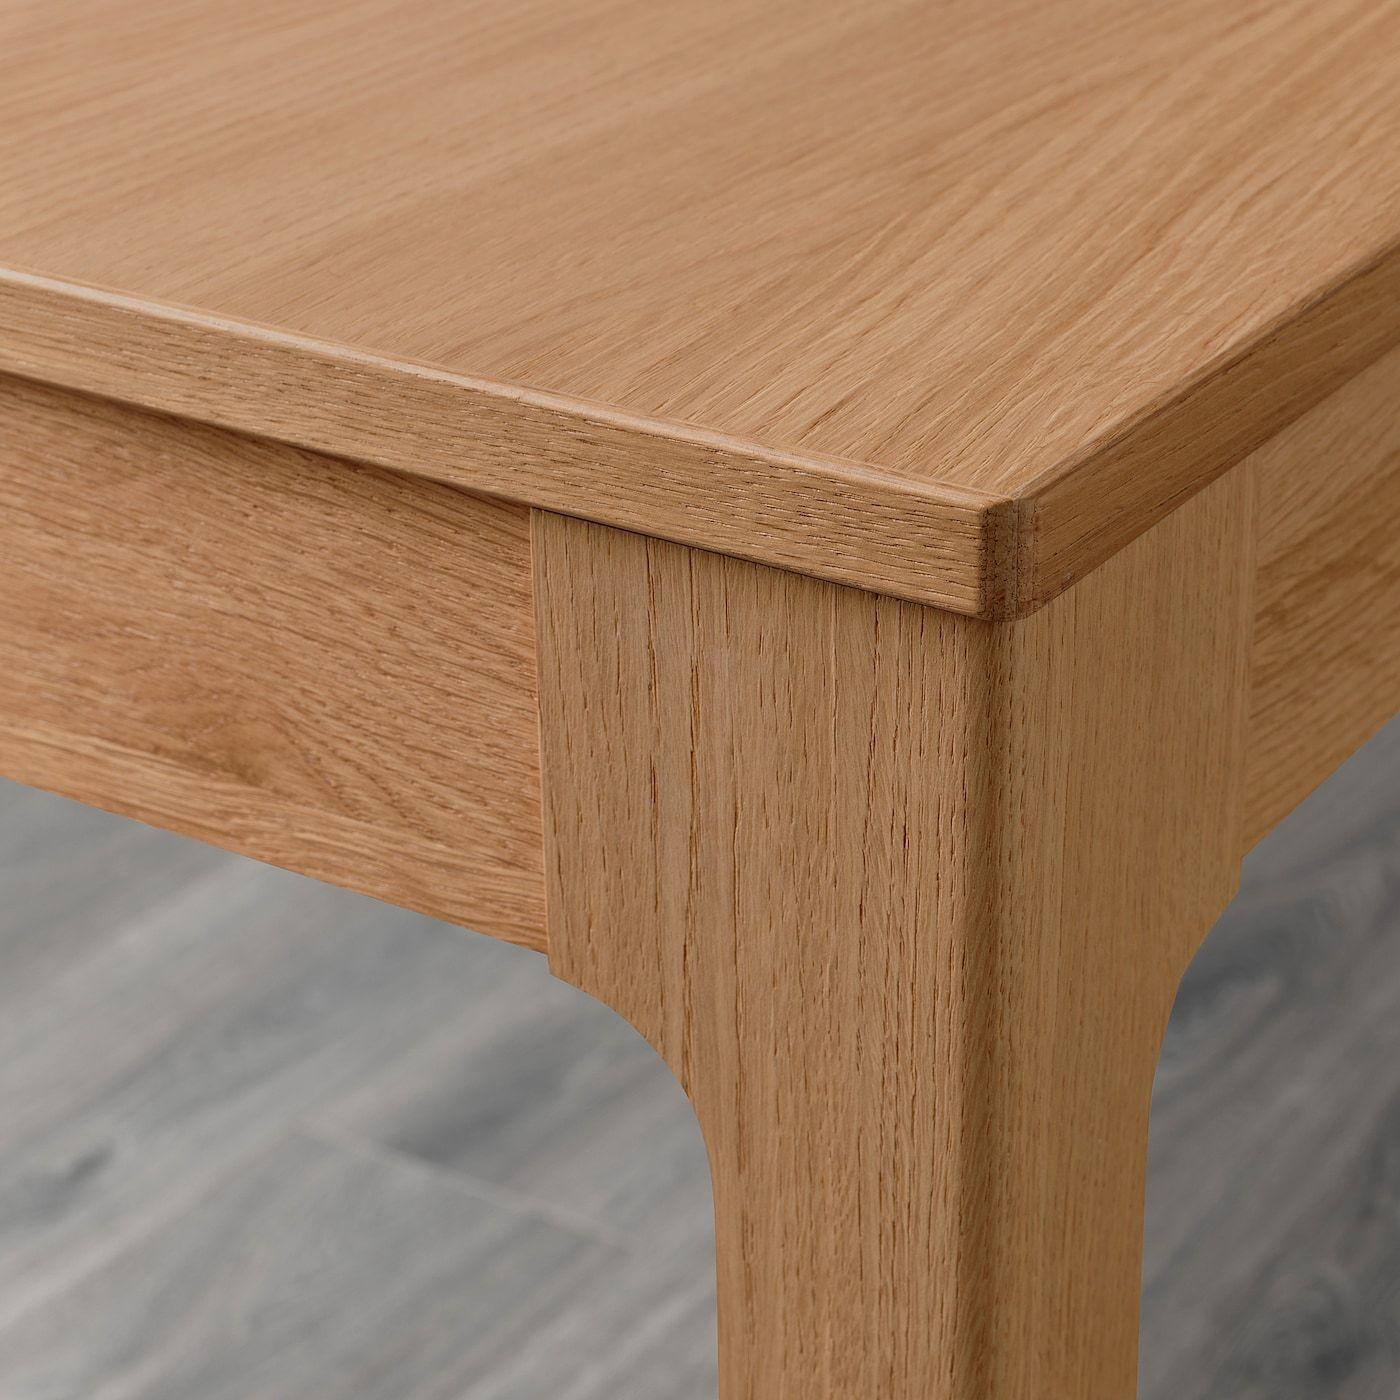 Ekedalen Extendable Table Oak 120 180x80 Cm In 2020 Ausziehtisch Ausziehbarer Tisch Stuhl Eiche